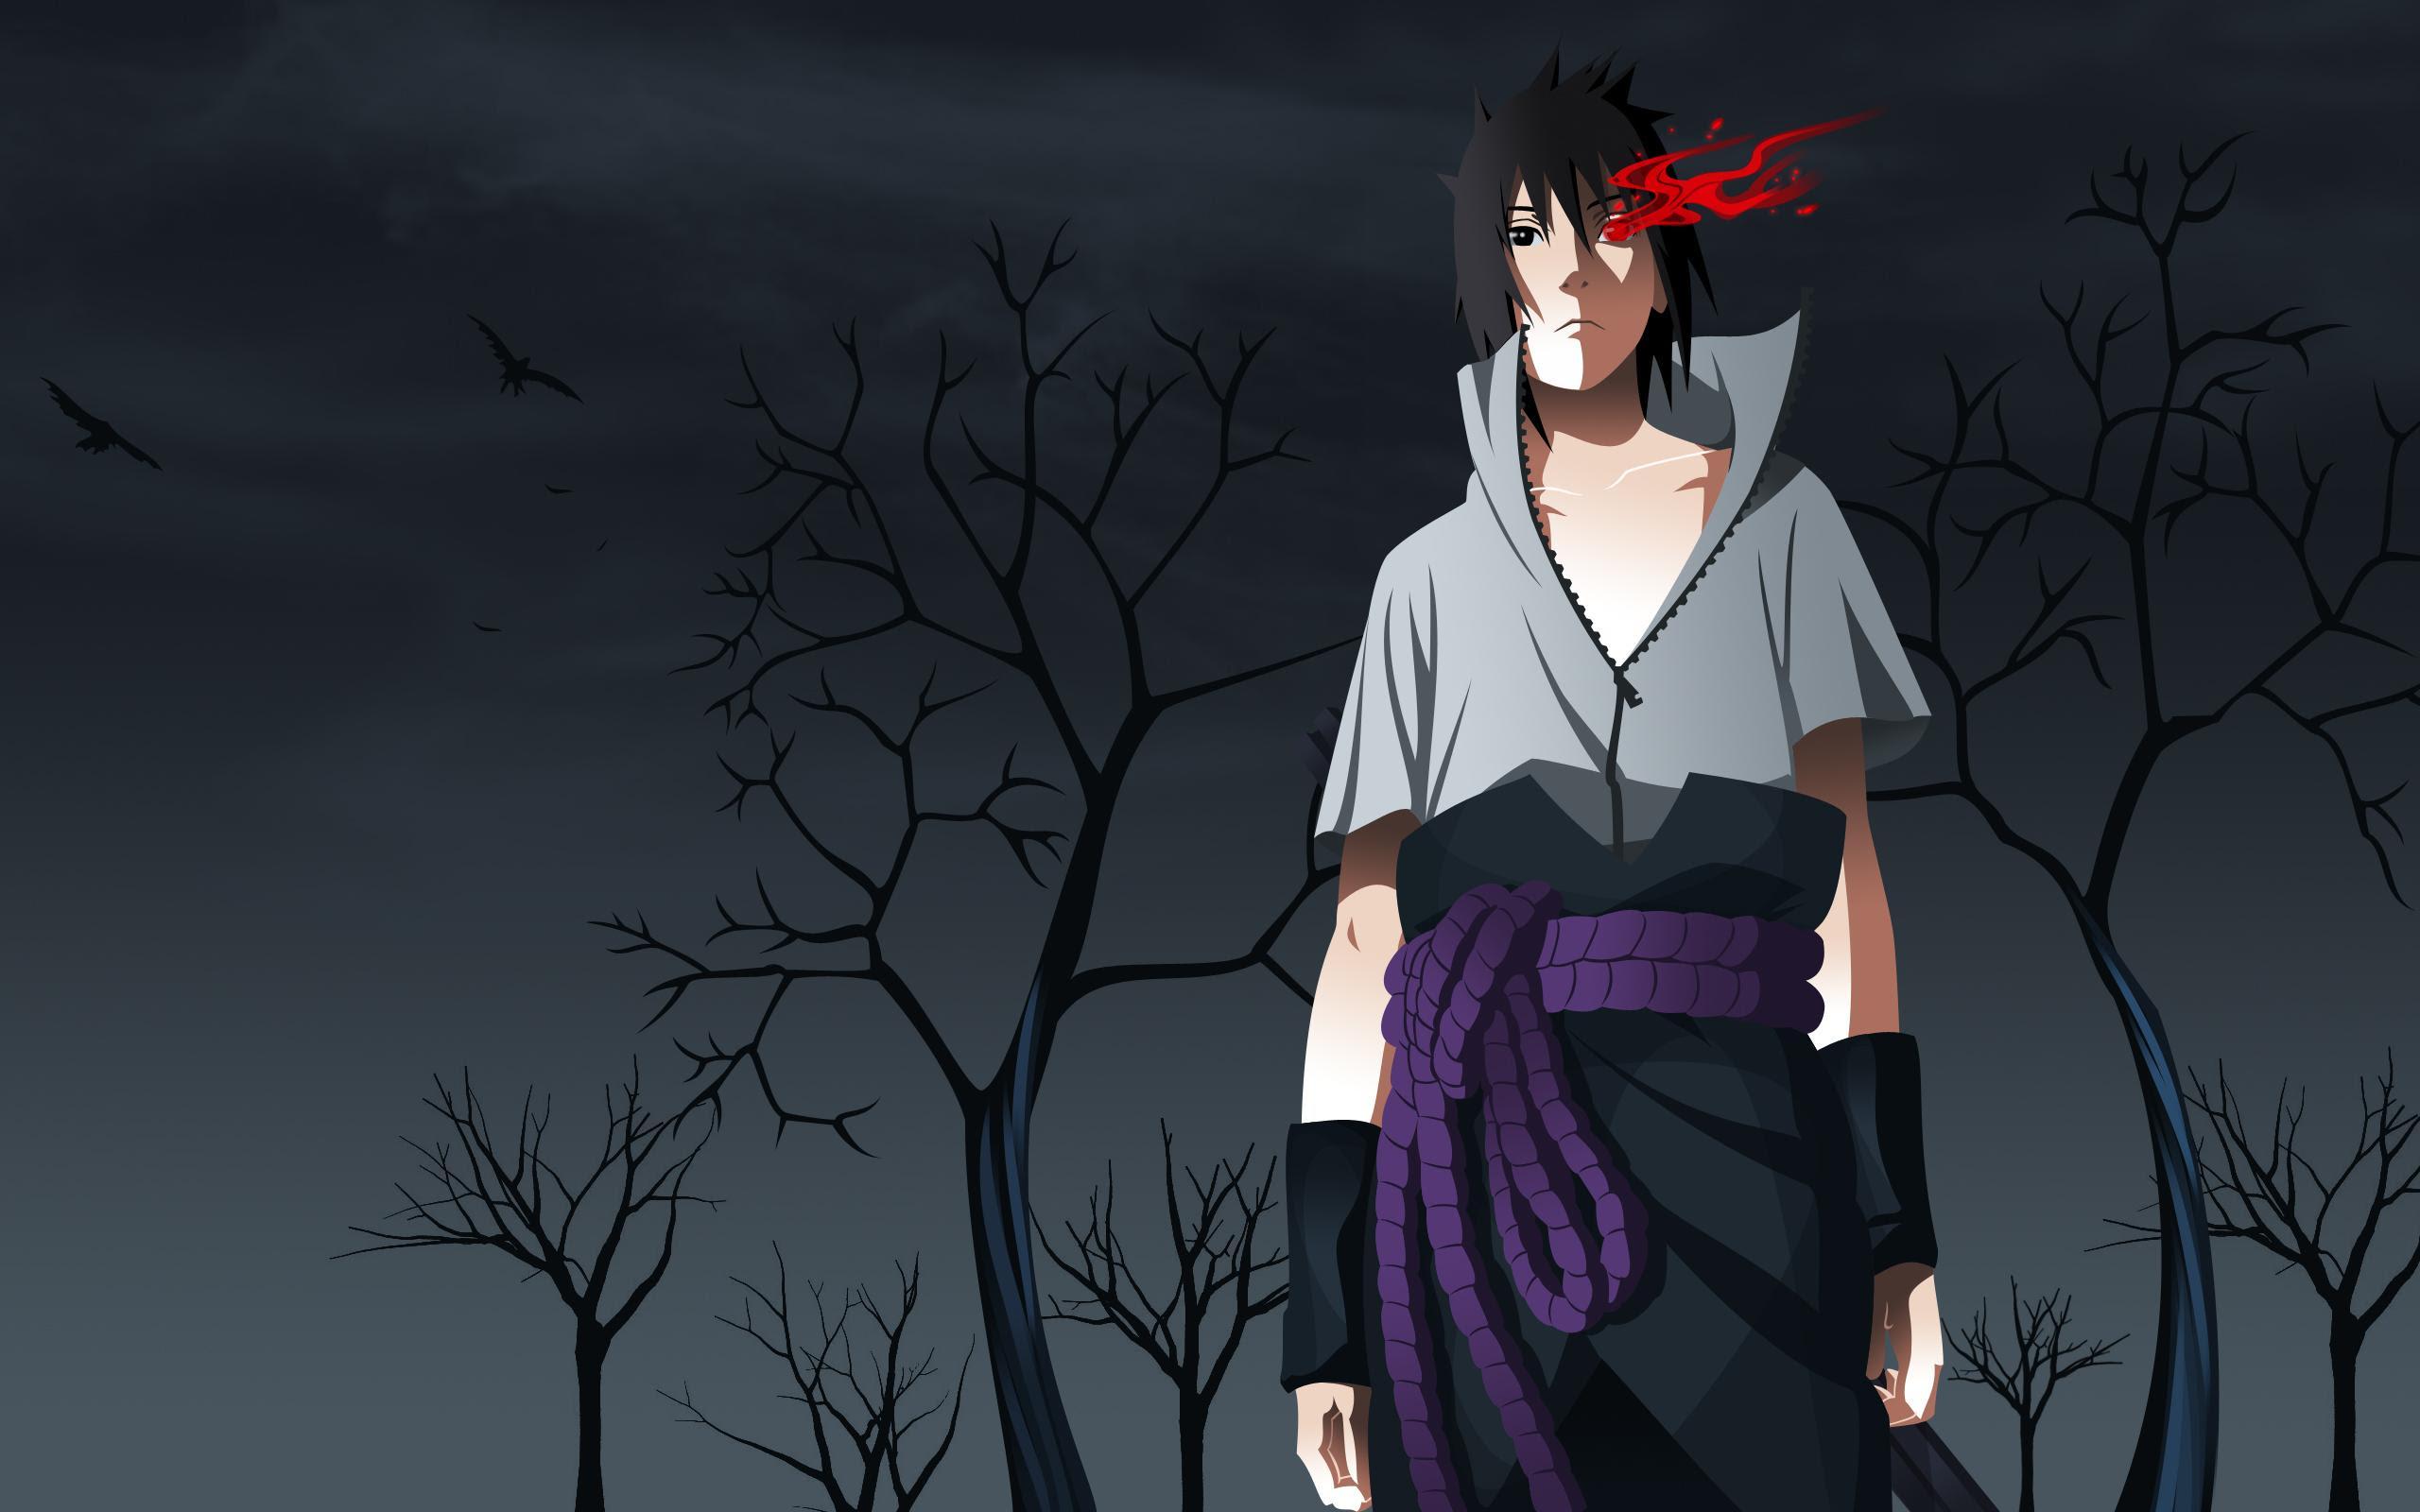 Sasuke Uchiha Wallpapers - WallpaperSafari